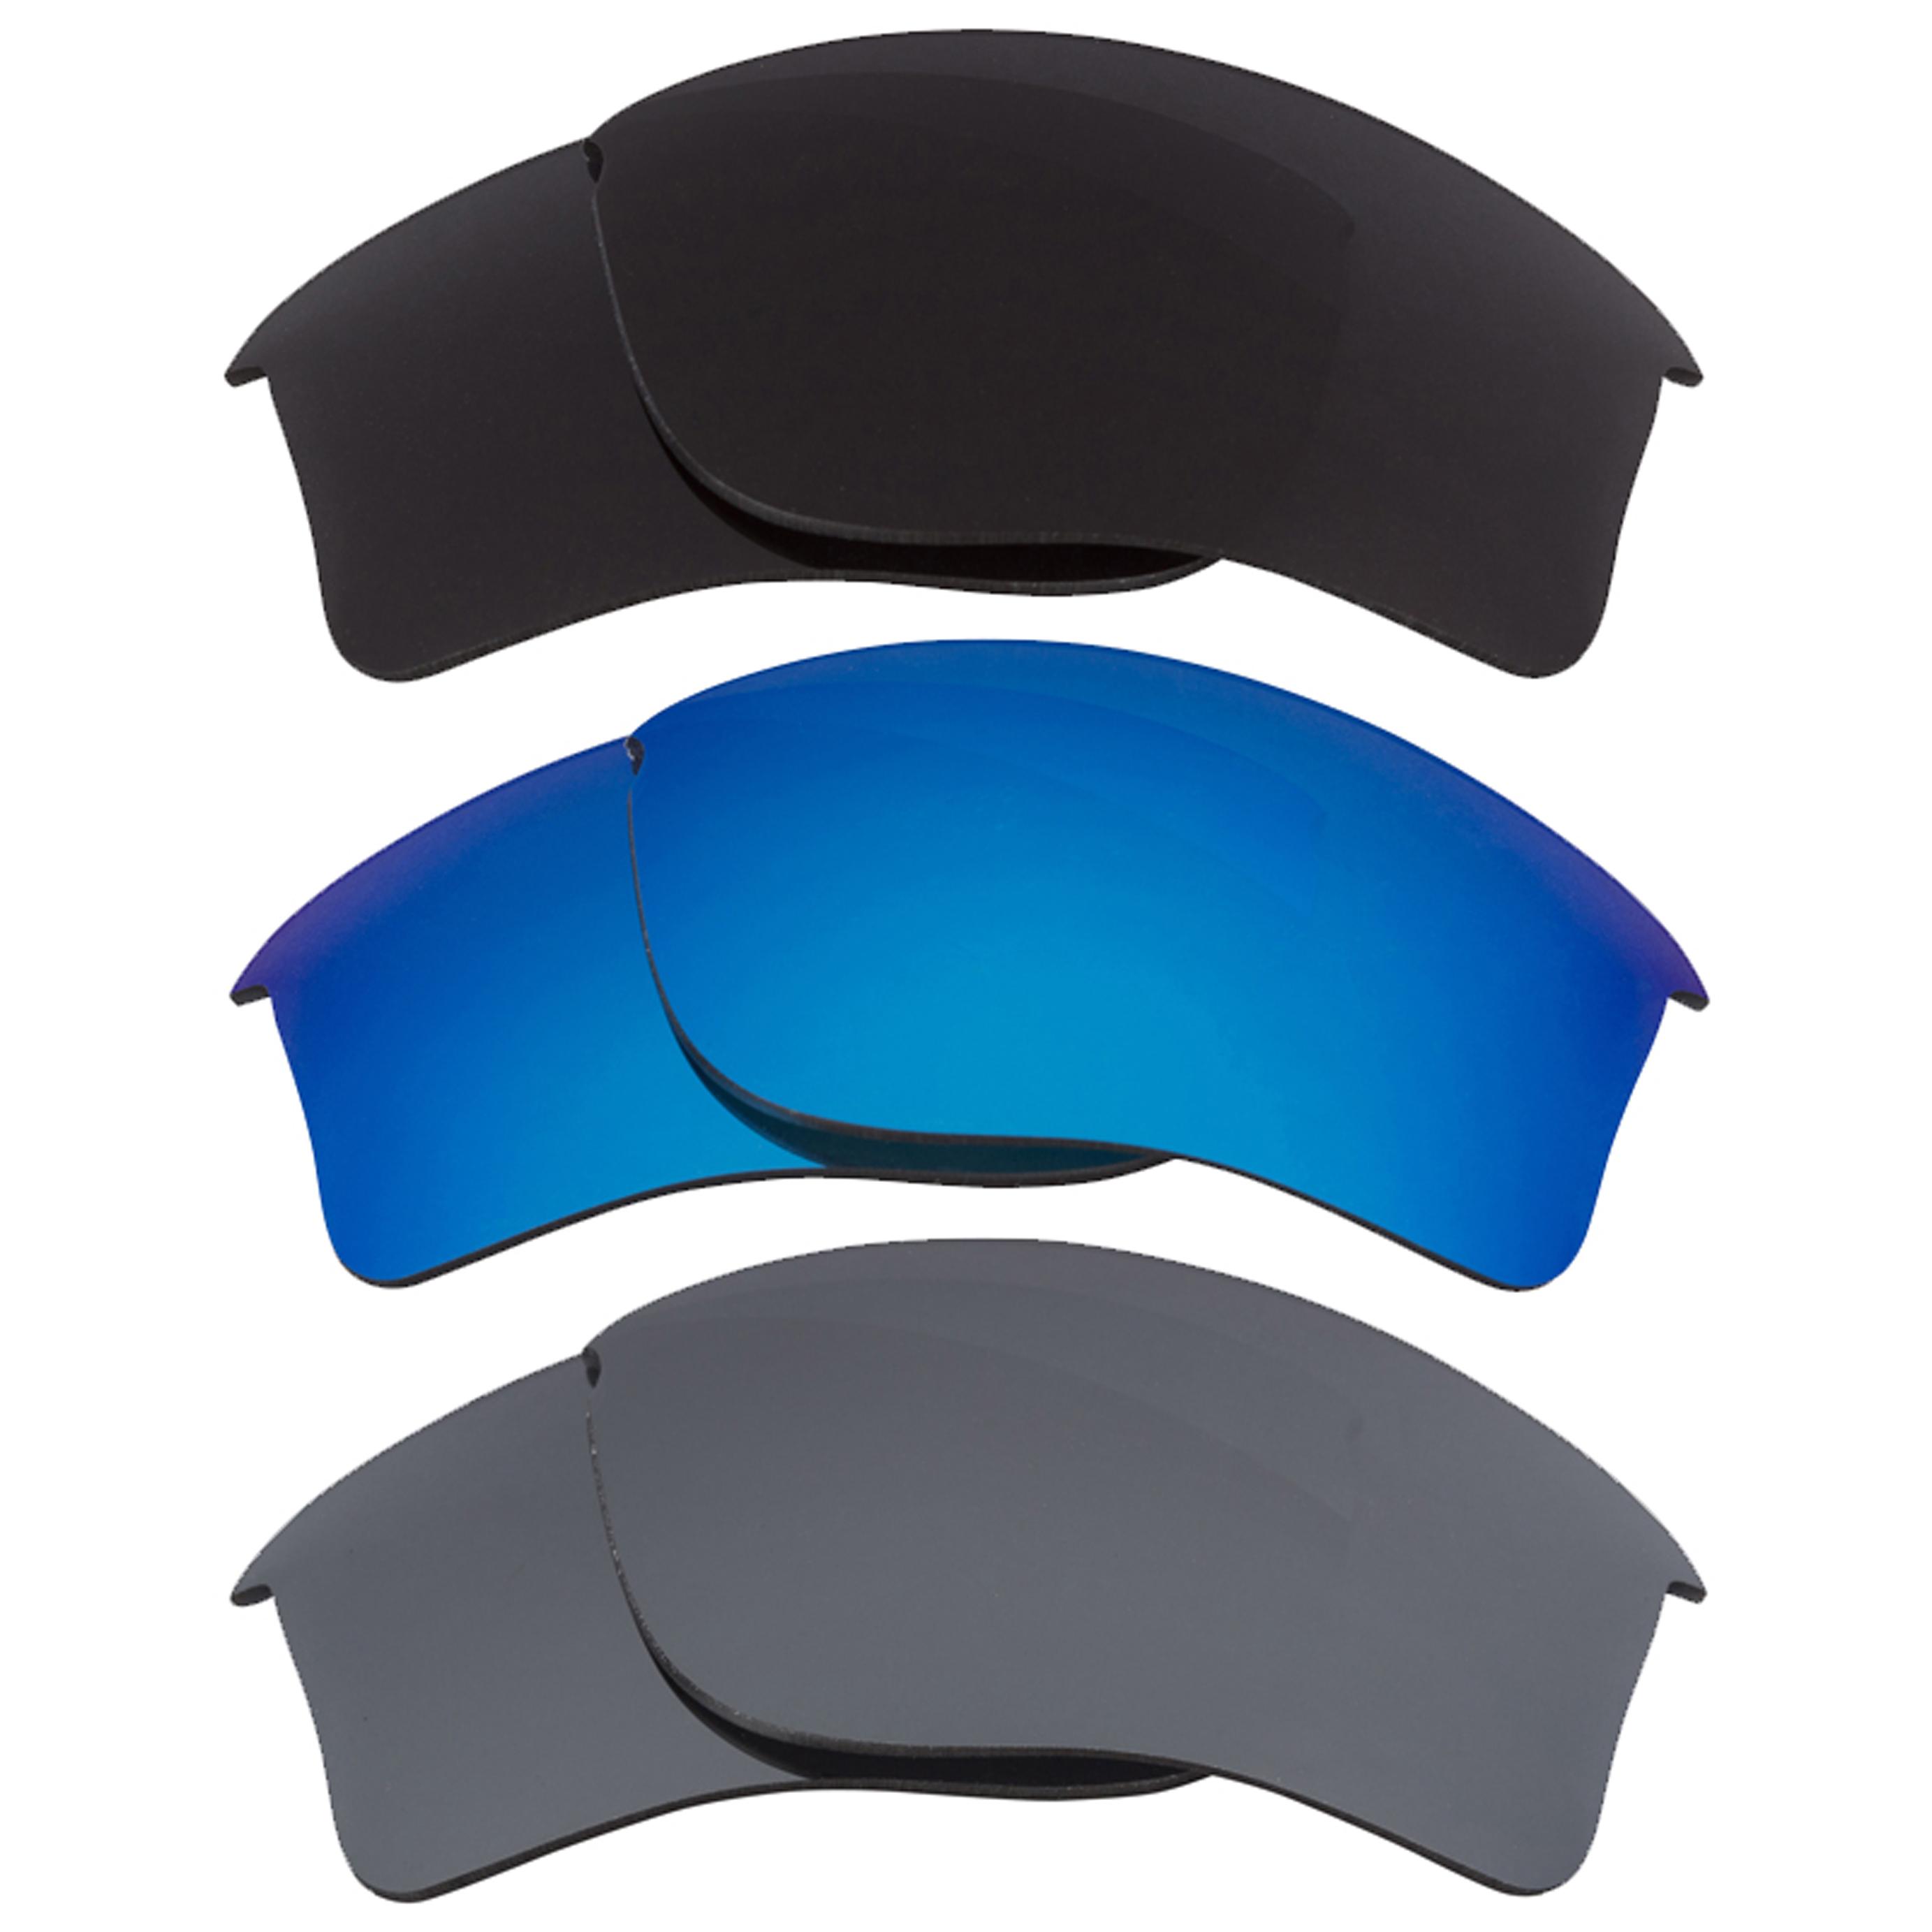 Seek Optics New Oakley FLAK JACKET XLJ Polarized Blue Black Mirror Gray Replacement Lenses at Sears.com